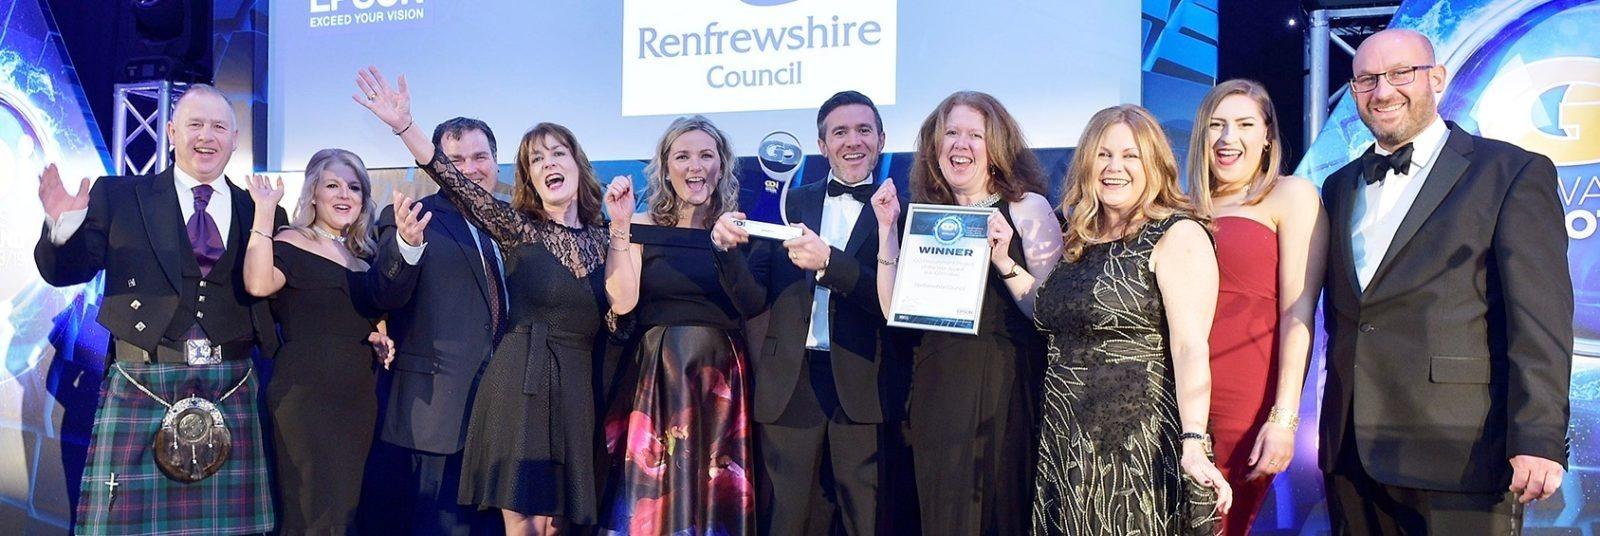 Renfrewshire Council accepting award